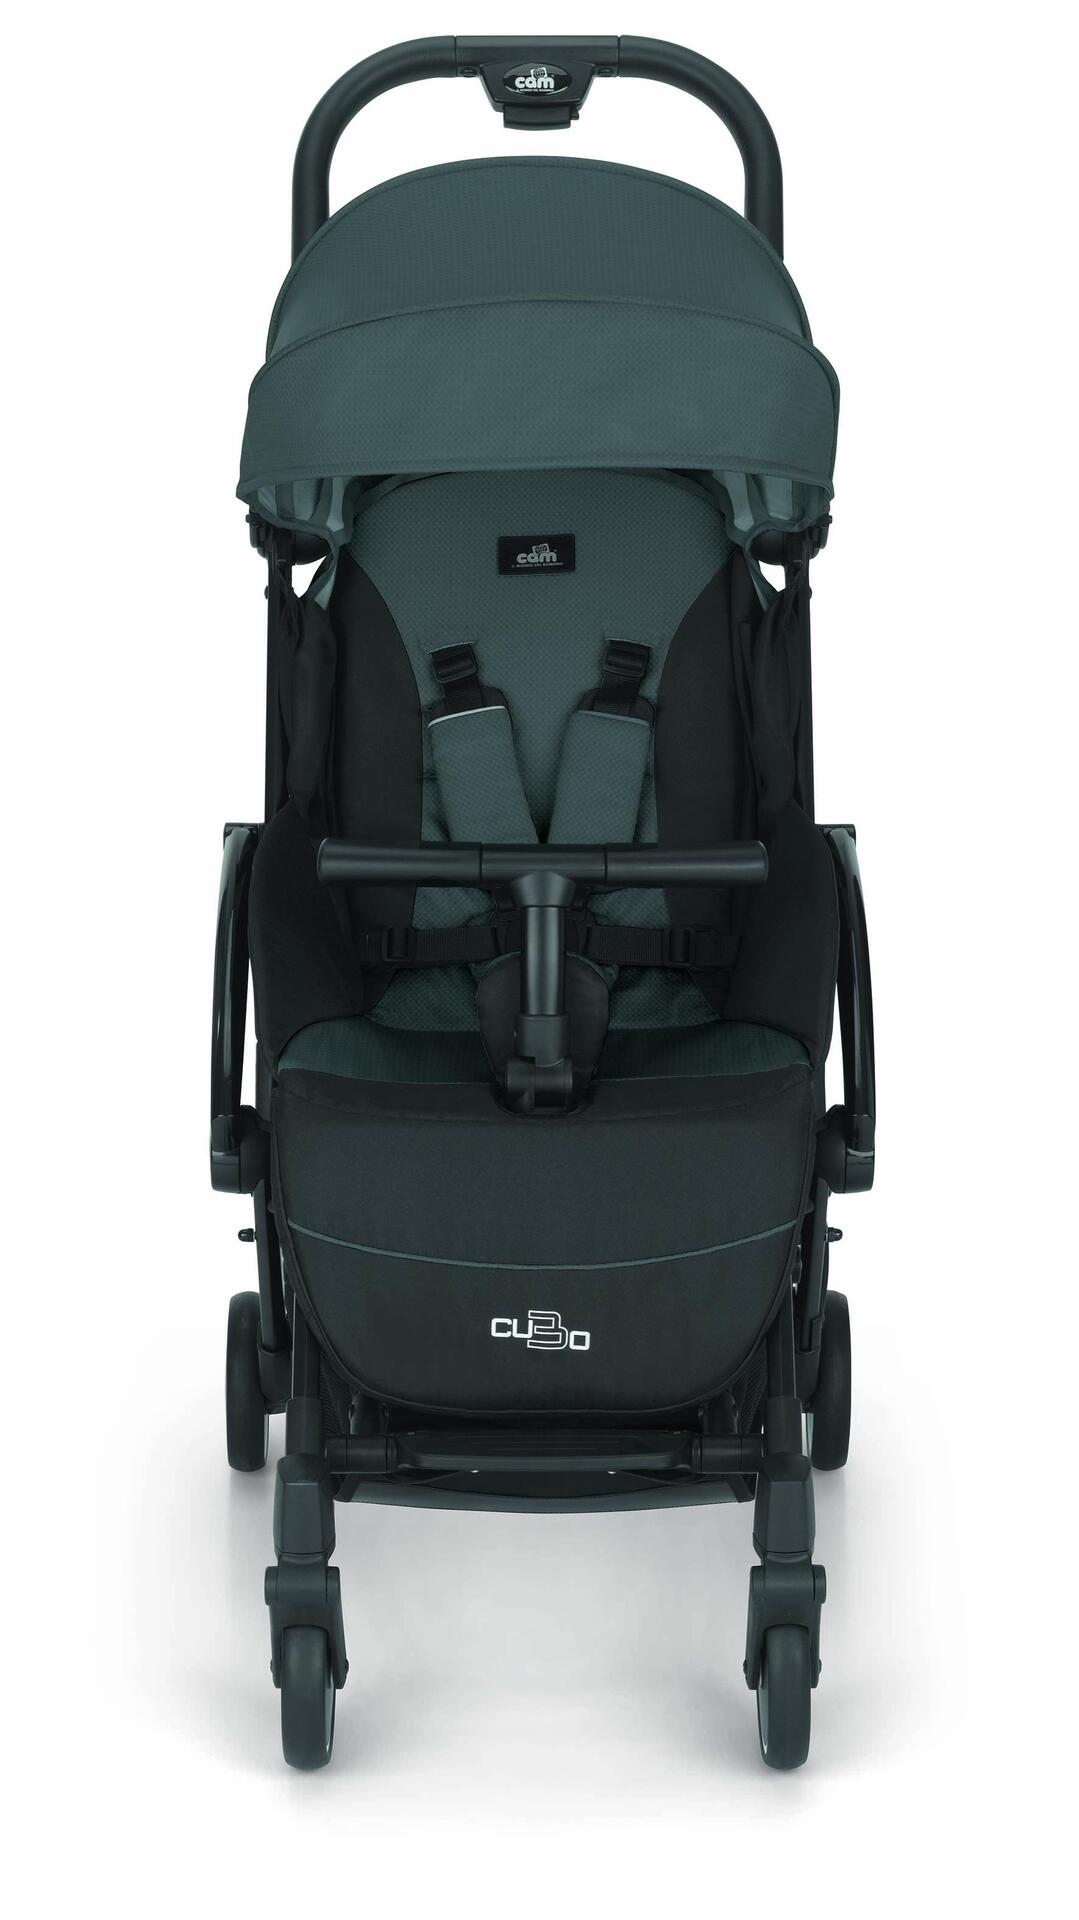 """Детска количка """"Cubo Evo""""125 сиво"""